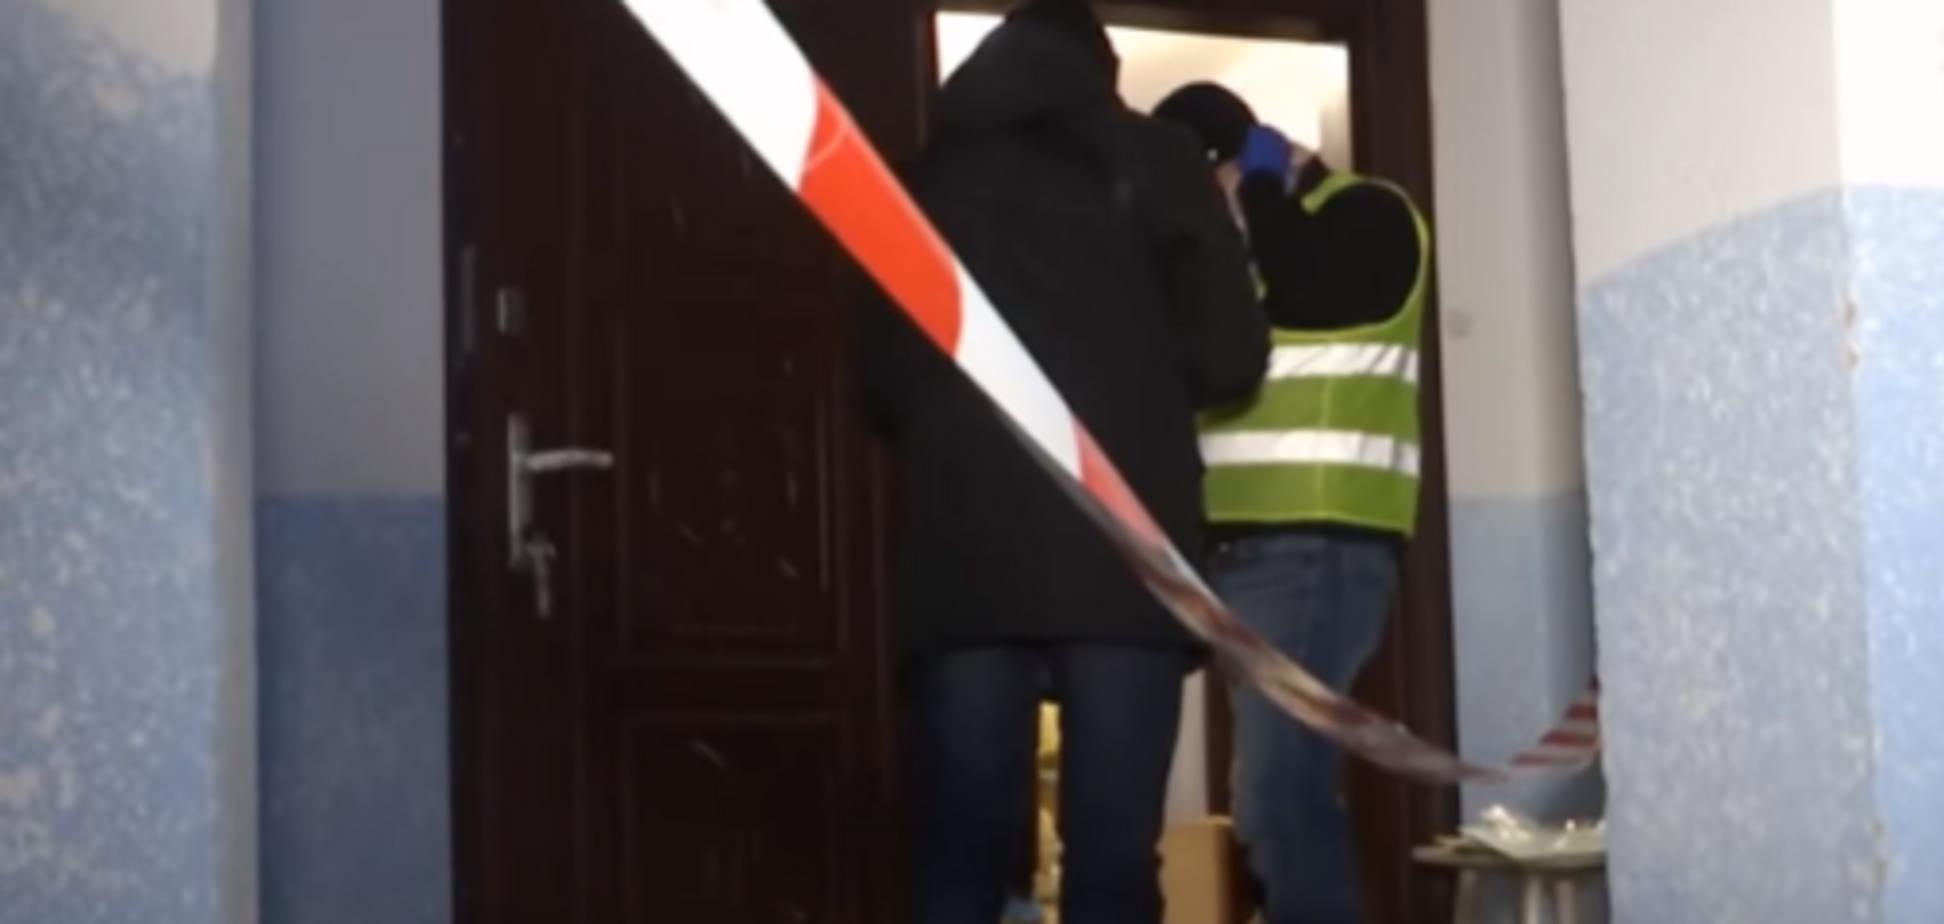 Массовое убийство в Виннице: выяснился неожиданный факт о подозреваемом